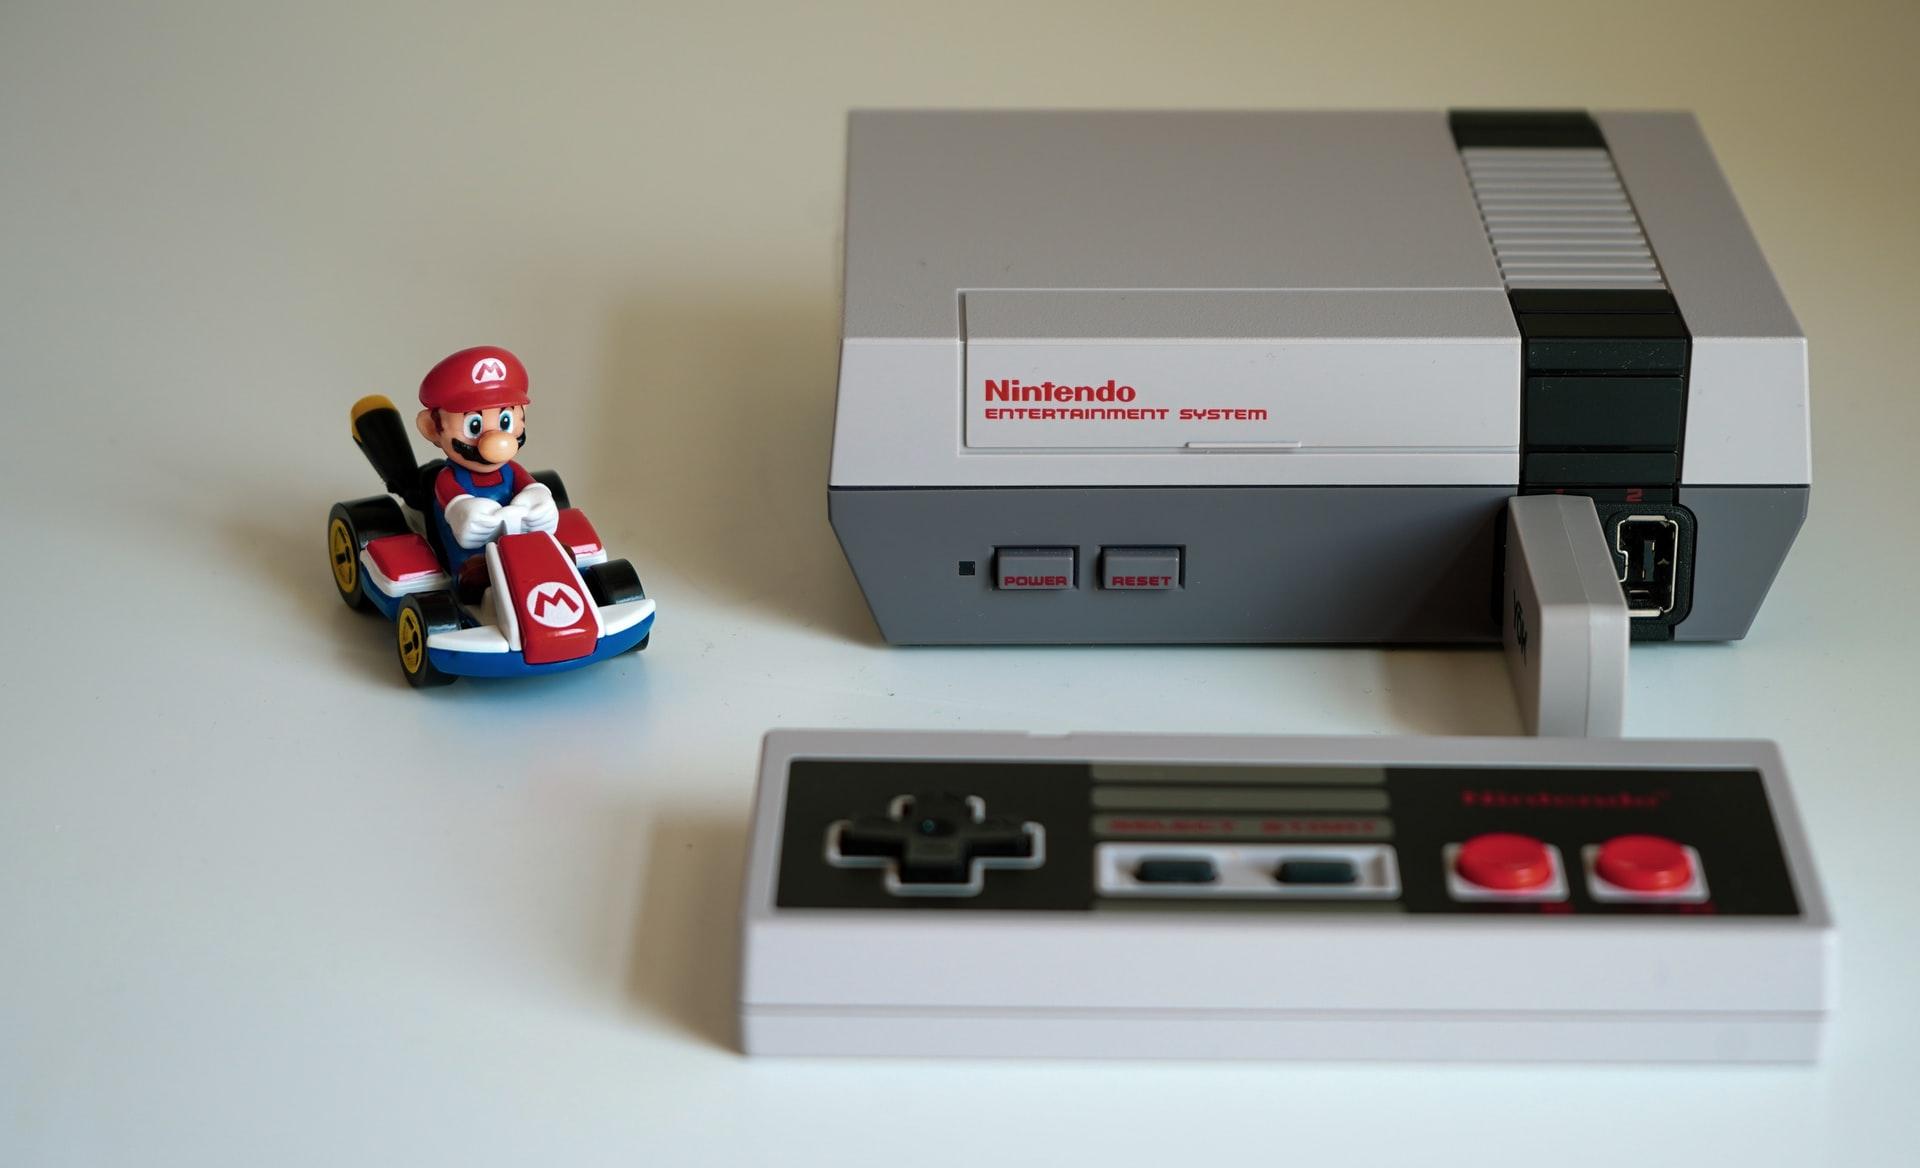 Imagem mostra um console NES ao lado de um Mario em Lego.